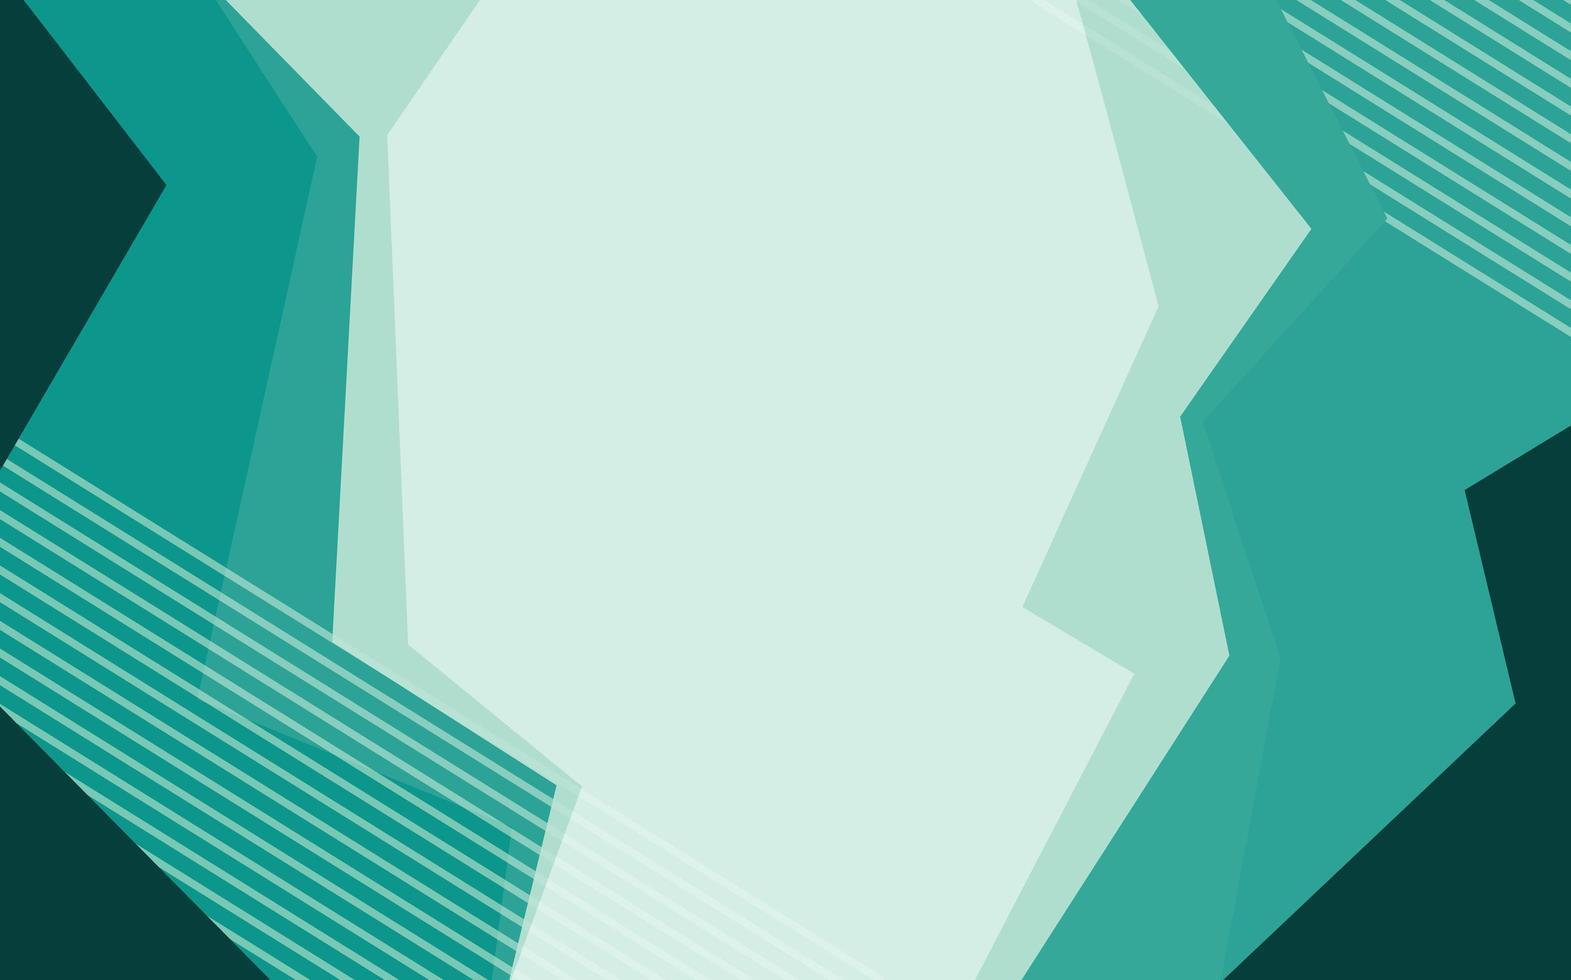 Hintergrunddesign mit abstrakten Mustern in Grün vektor